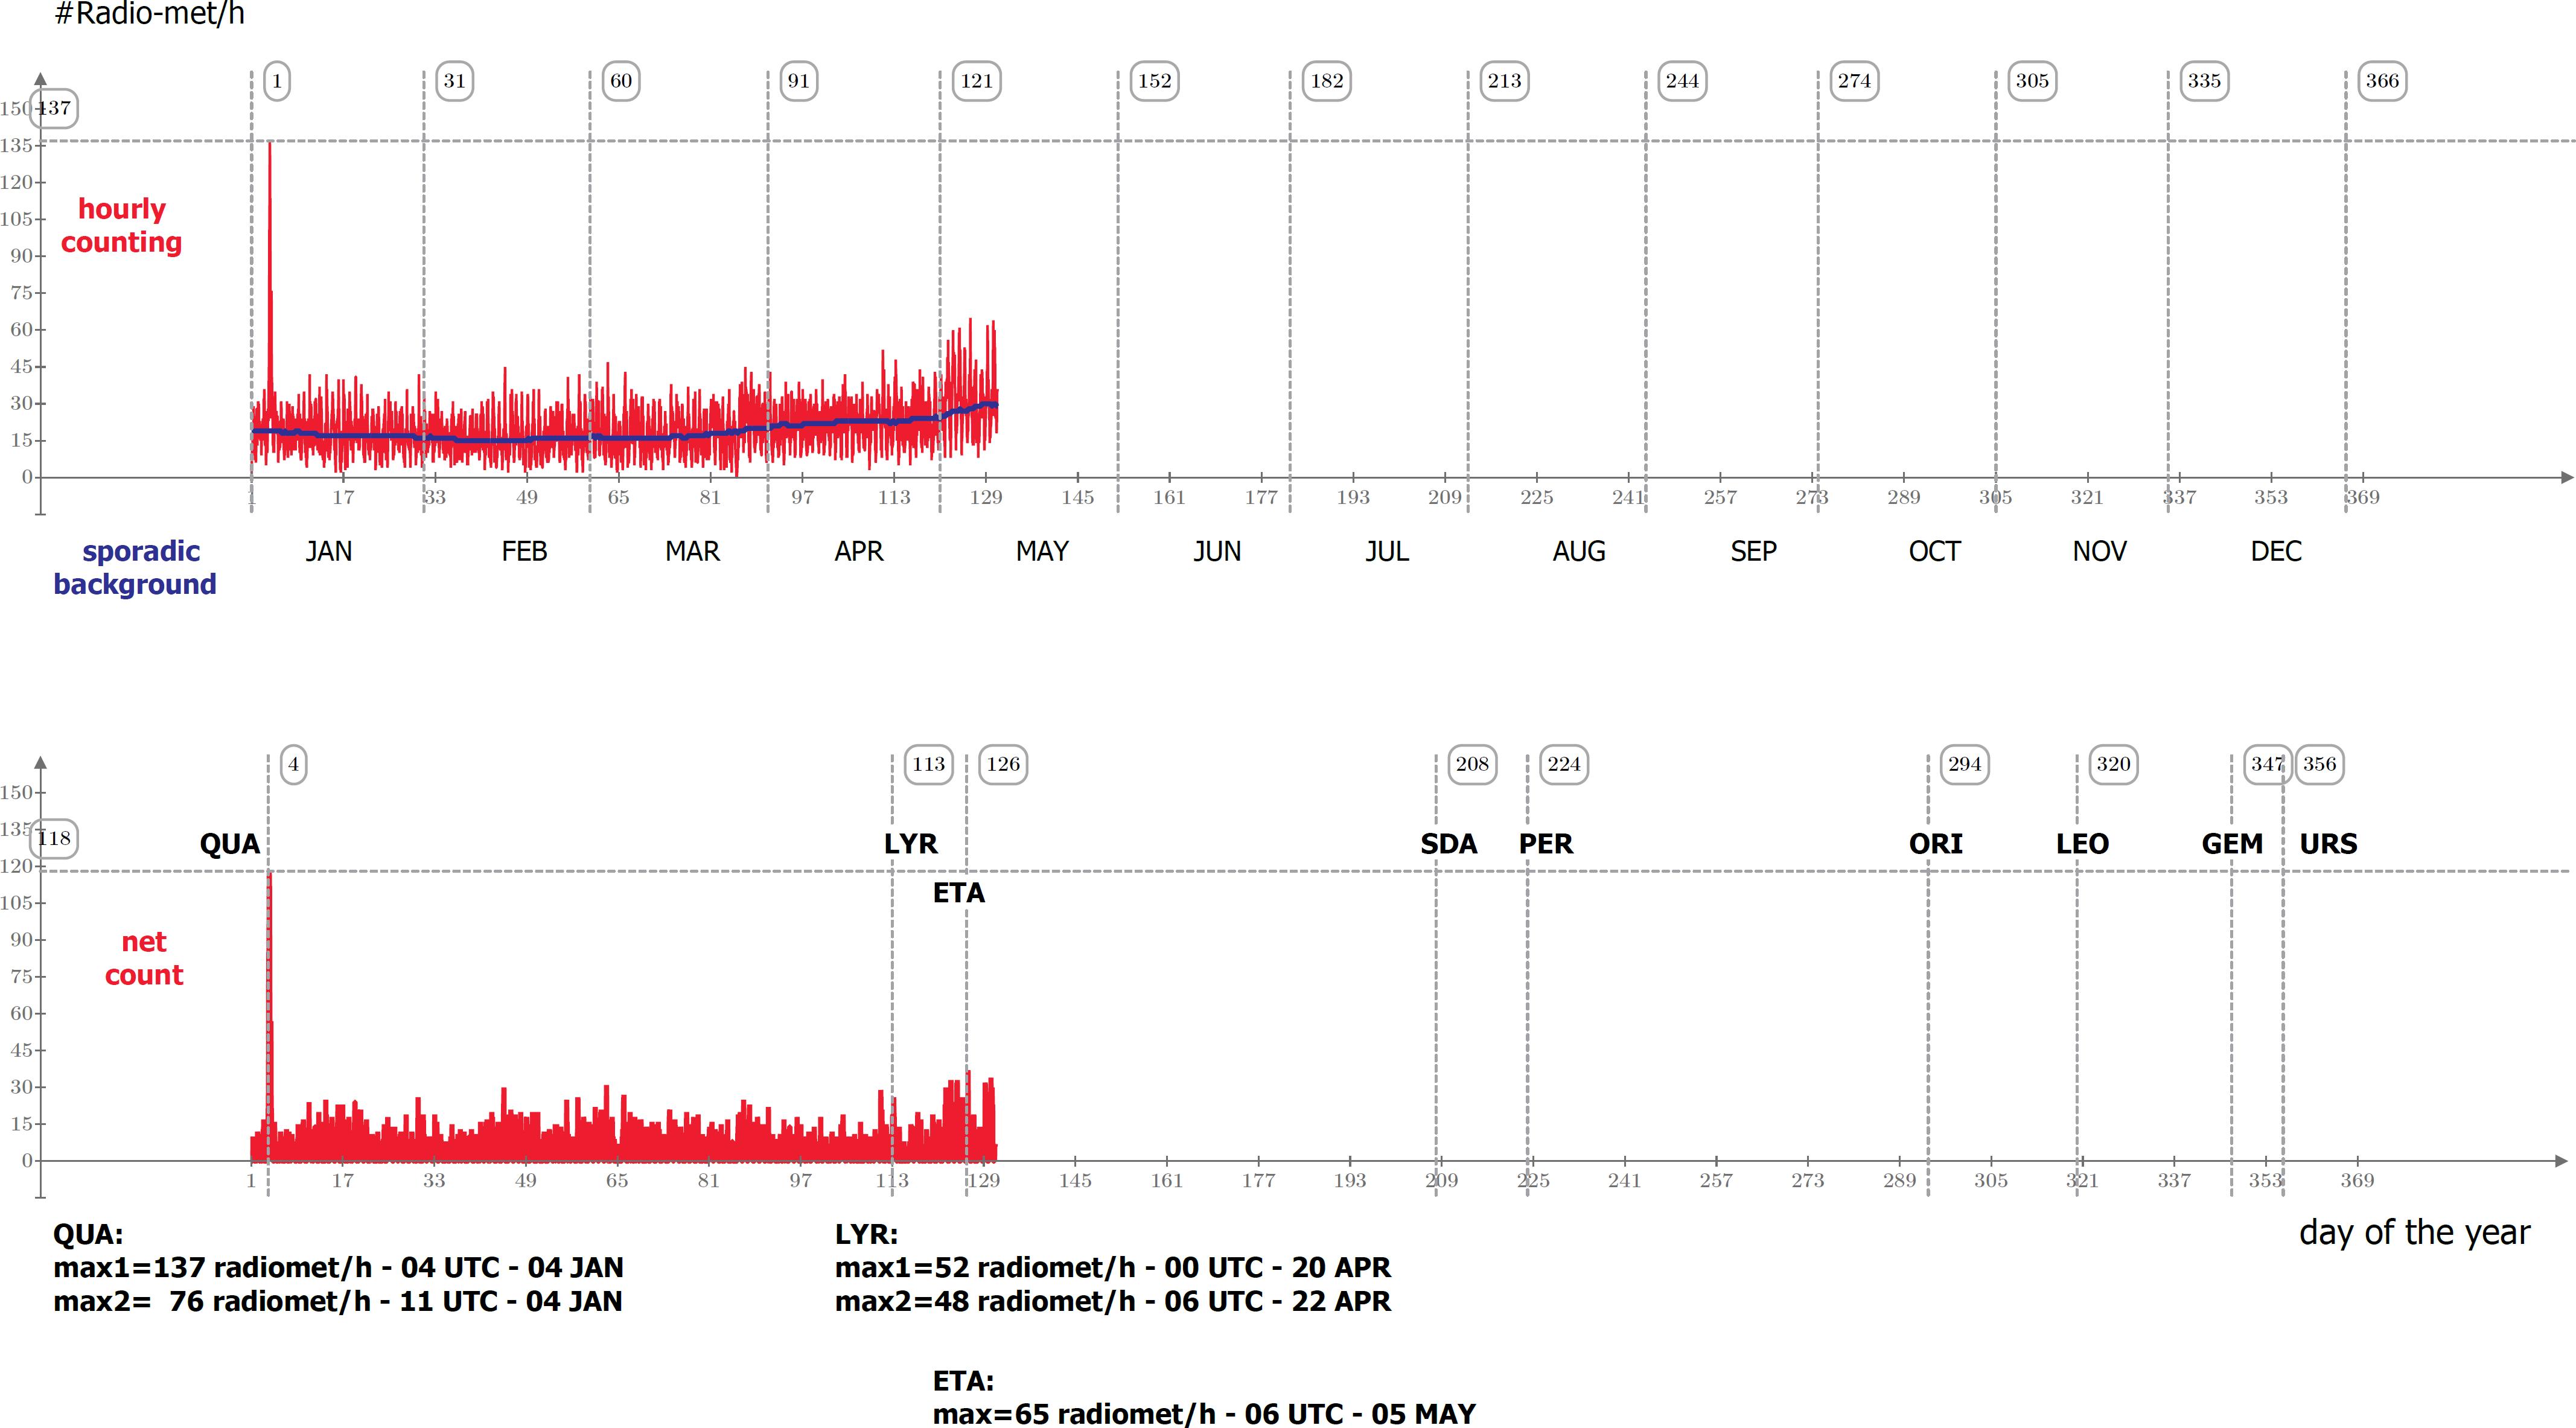 Attività radio-meteorica 2020. In alto la frequenza oraria complessiva degli eventi catturati, in basso l'andamento dei radio-echi corretto rispetto al fondo sporadico.